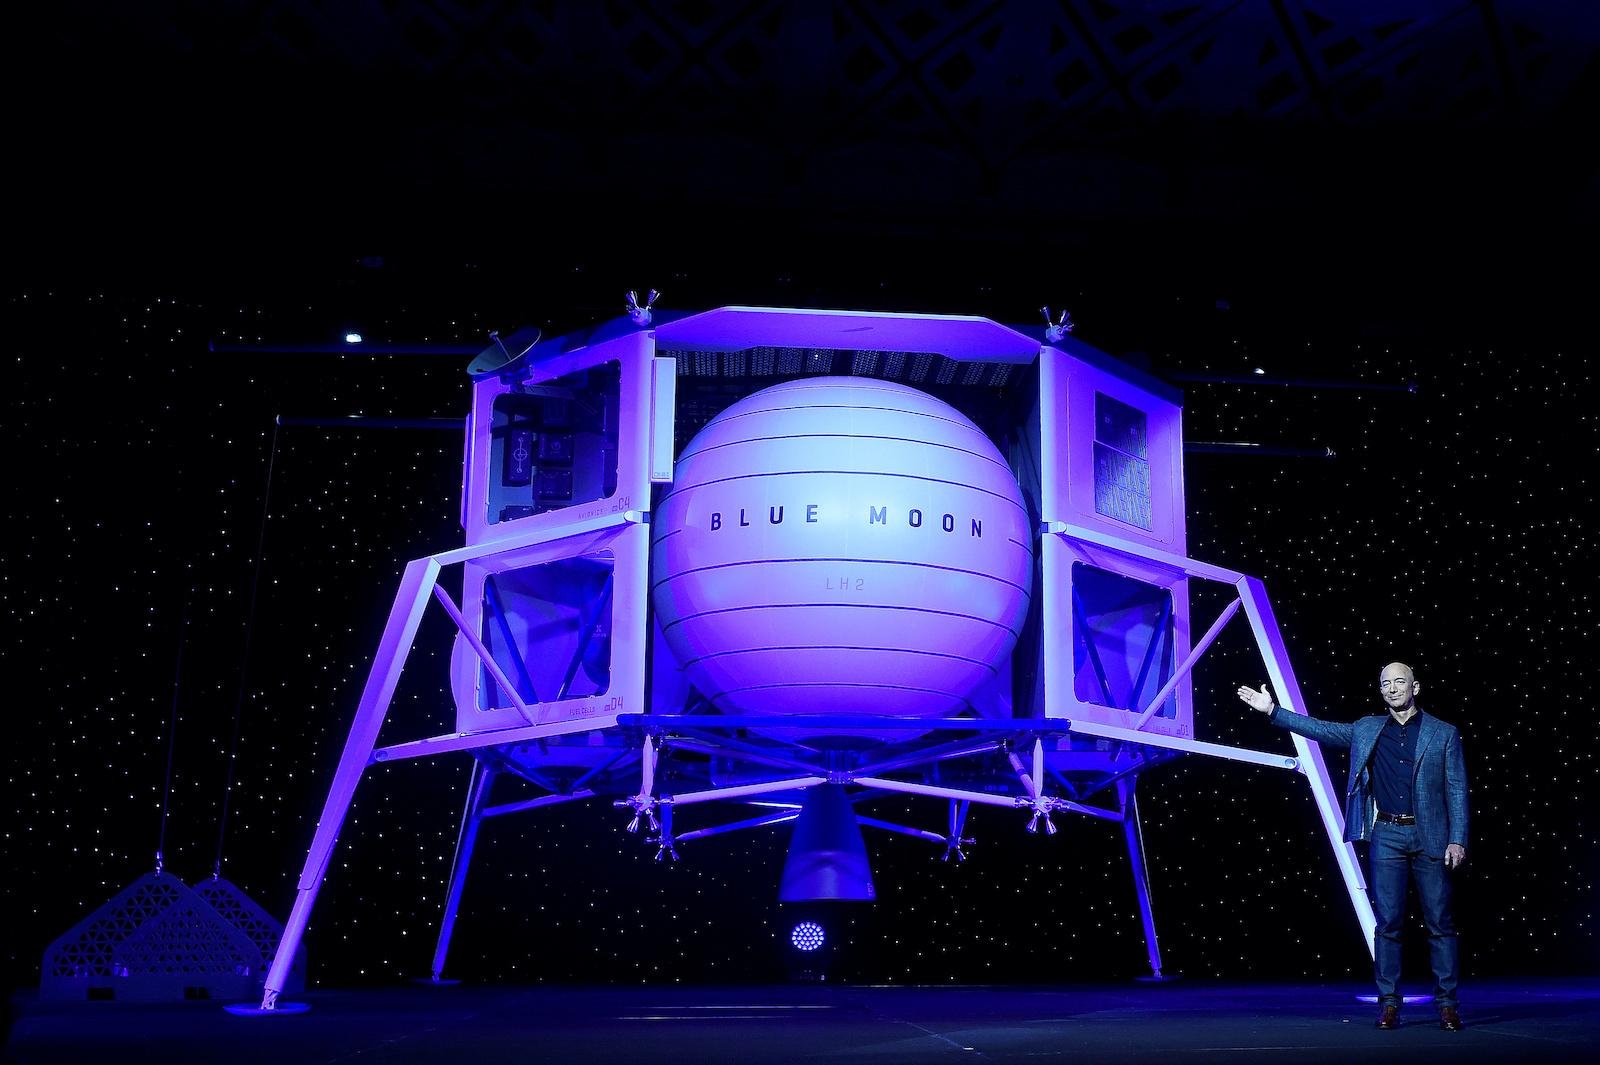 亞馬遜的創始人,董事長,首席執行官兼總裁Jeff Bezos在2019年5月9日在美國華盛頓舉行的一次揭幕儀式上揭開了自己的太空公司Blue Origin的太空探索月球著陸器Blue Moon的面紗。